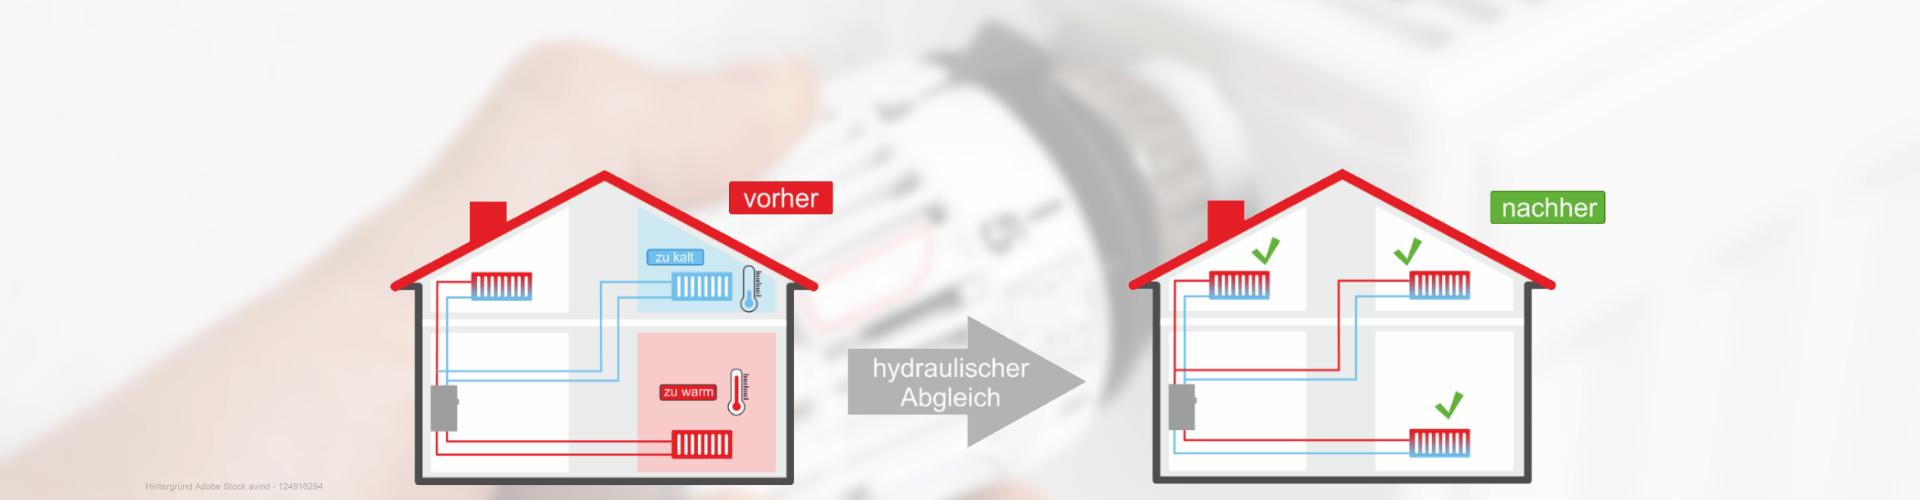 Grafische Darstellung einer Heizungsanlage vor und nach dem hydraulischen Abgleich.